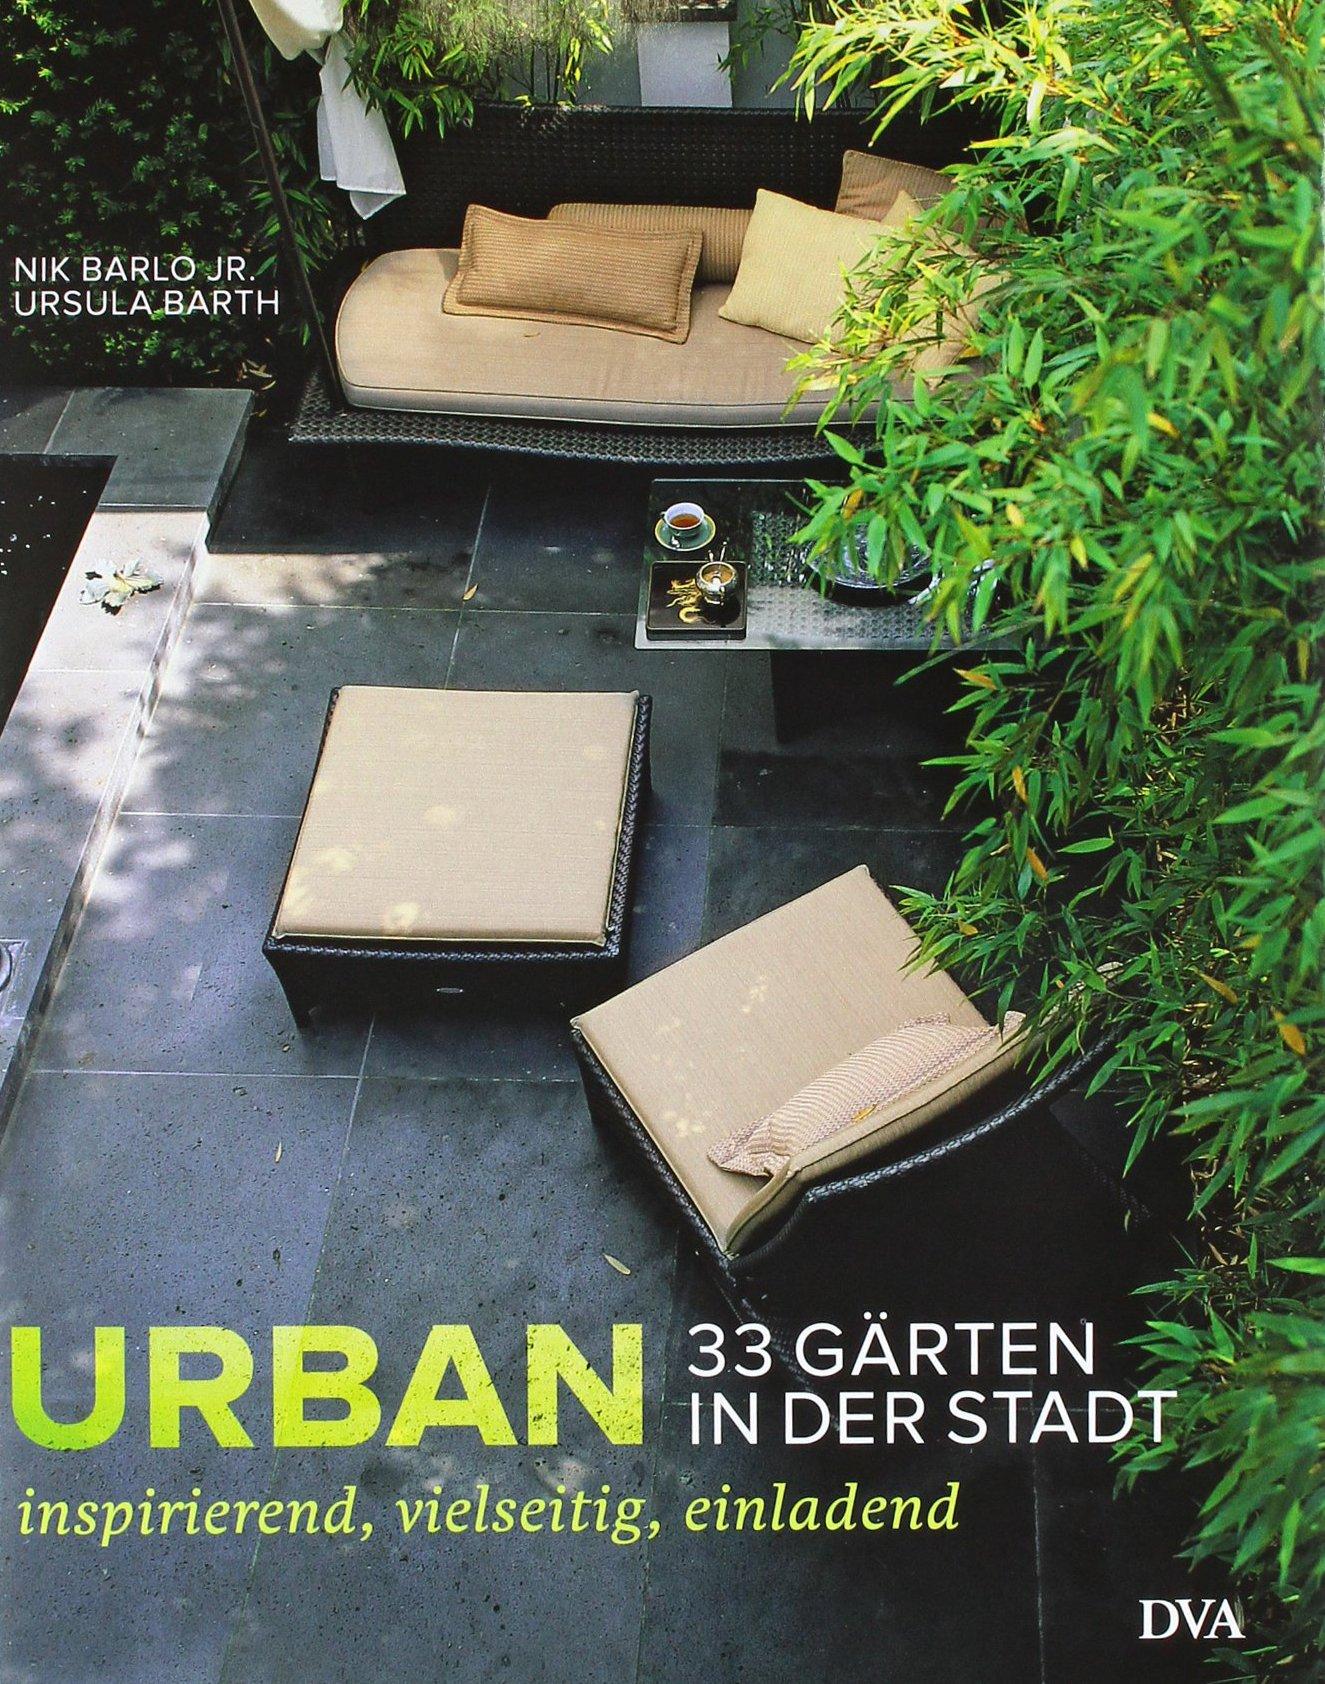 urban-33-grten-in-der-stadt-inspirierend-vielseitig-einladend